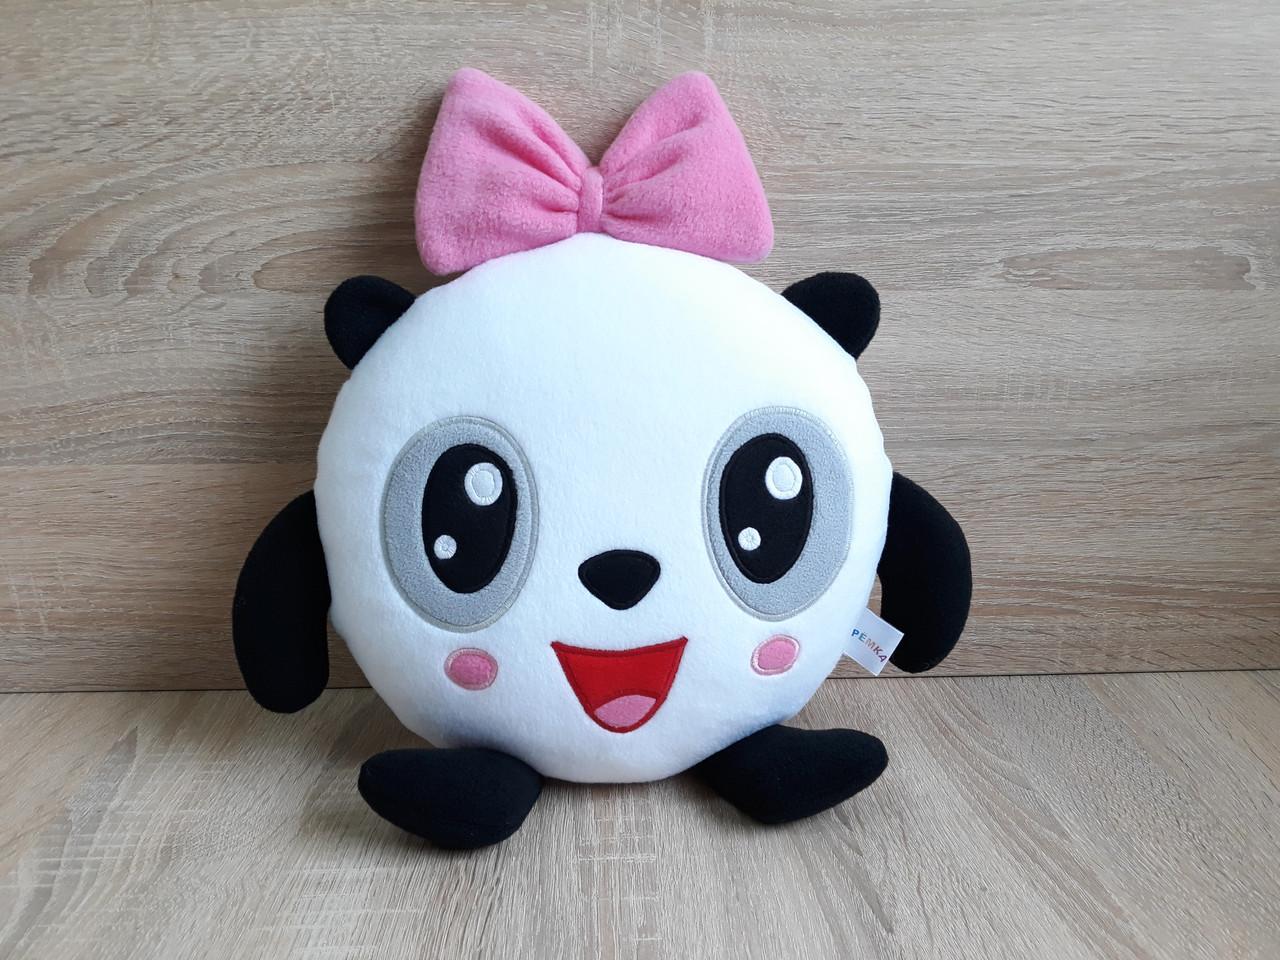 Мягкая игрушка - подушка ручной работы Пандочка из мультсериала Малышарики